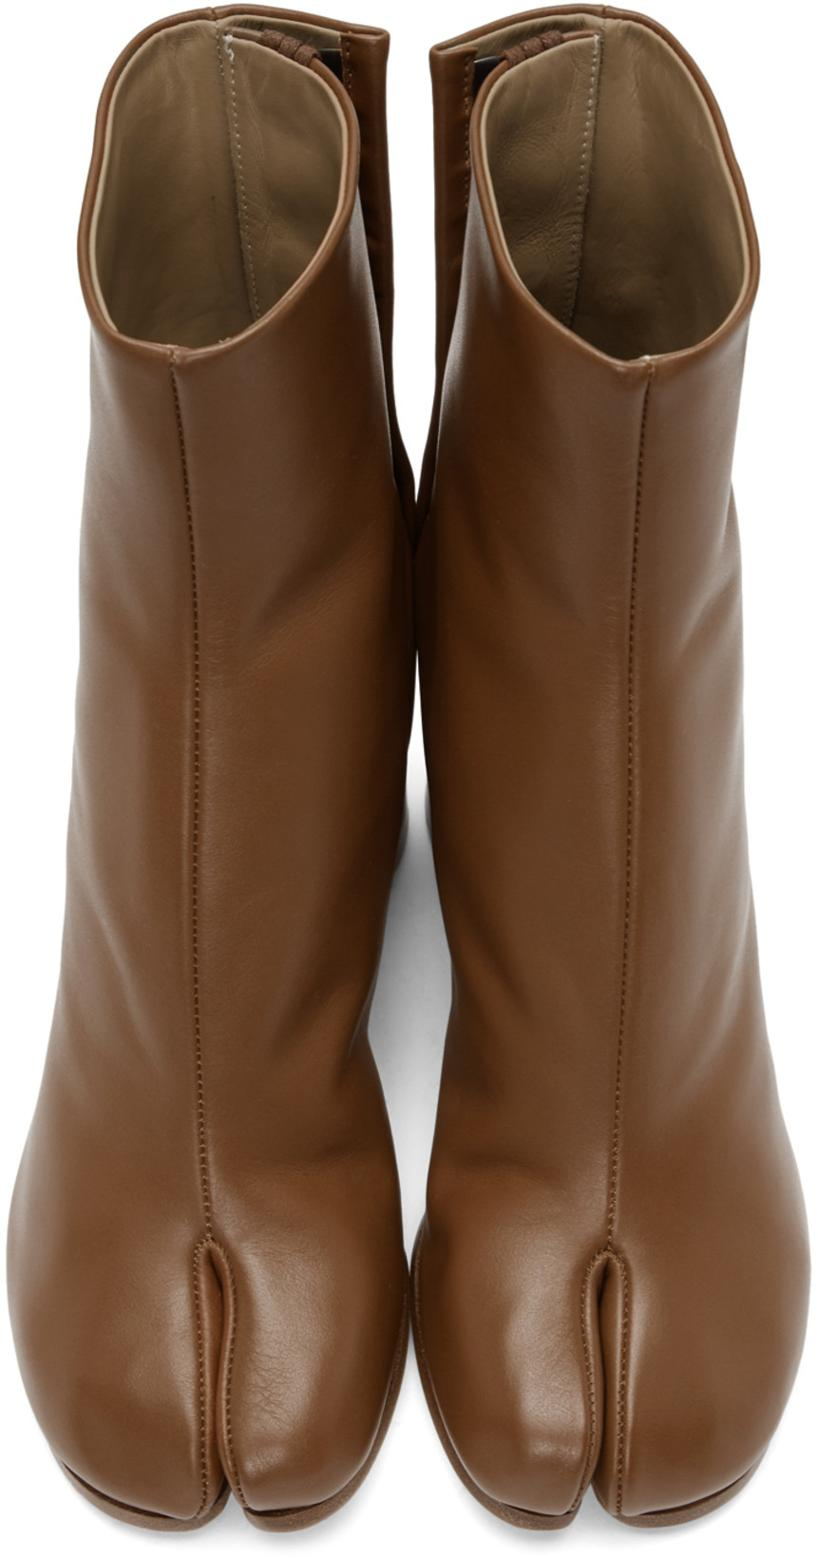 8326b7ed5721 Maison Margiela Tan Leather Tabi Boots